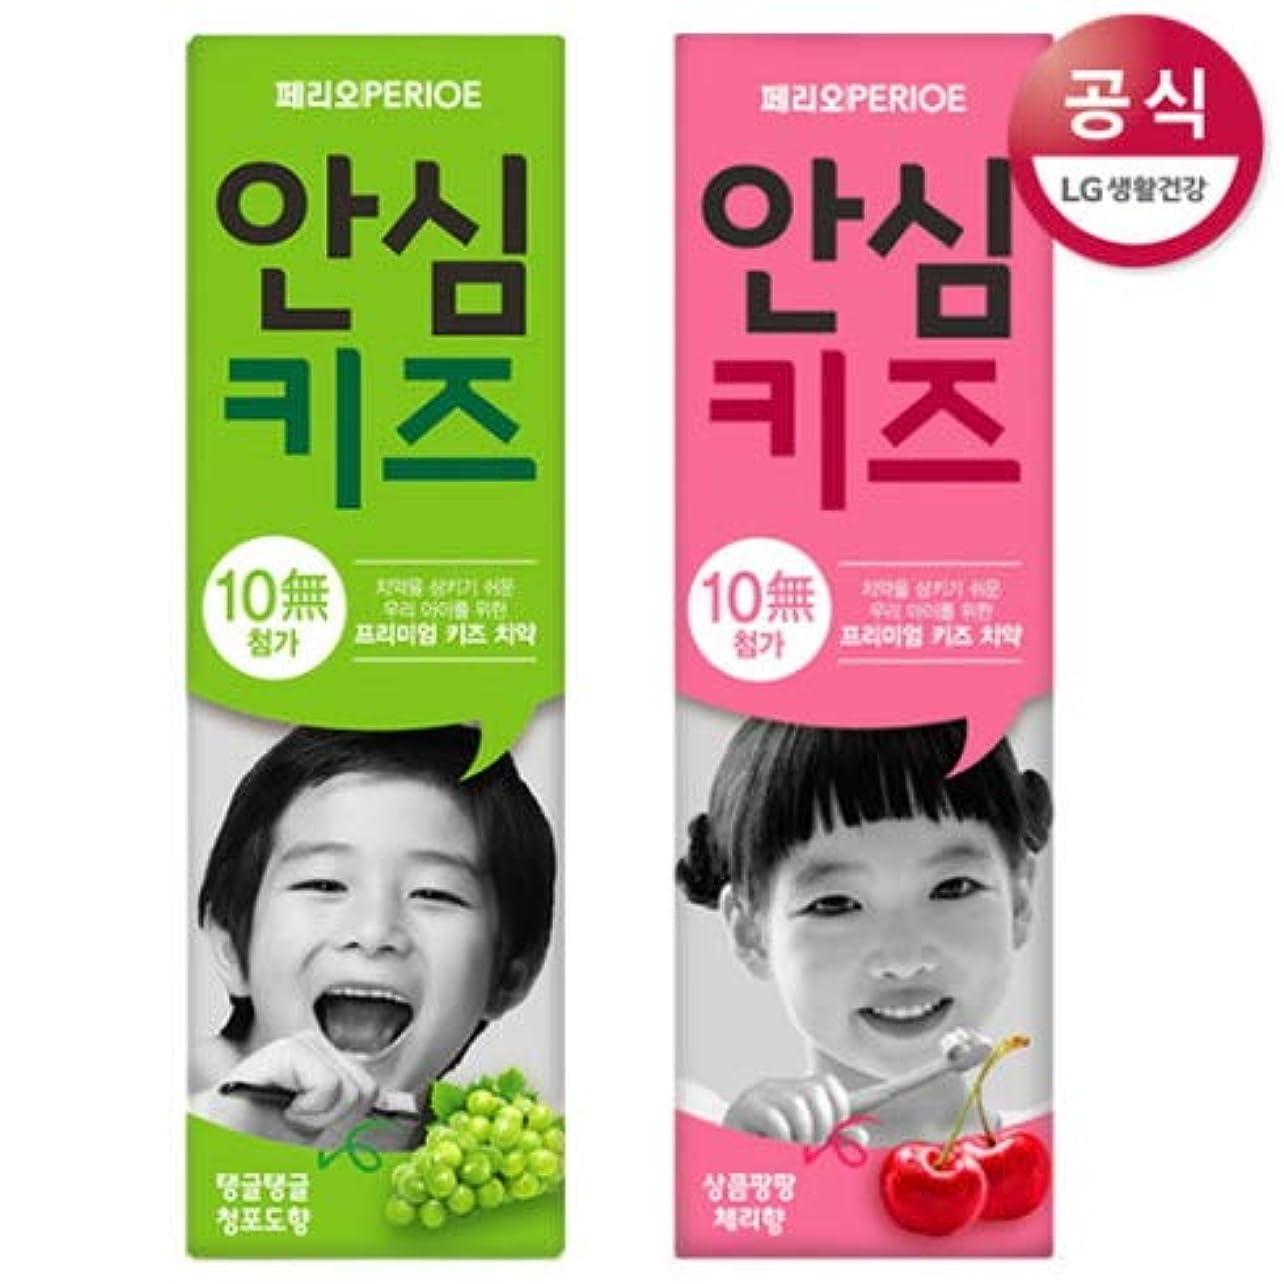 アーティファクトアフリカ一瞬[LG HnB] Perio relief kids toothpaste/ペリオ安心キッズ歯磨き粉 80gx2個(海外直送品)